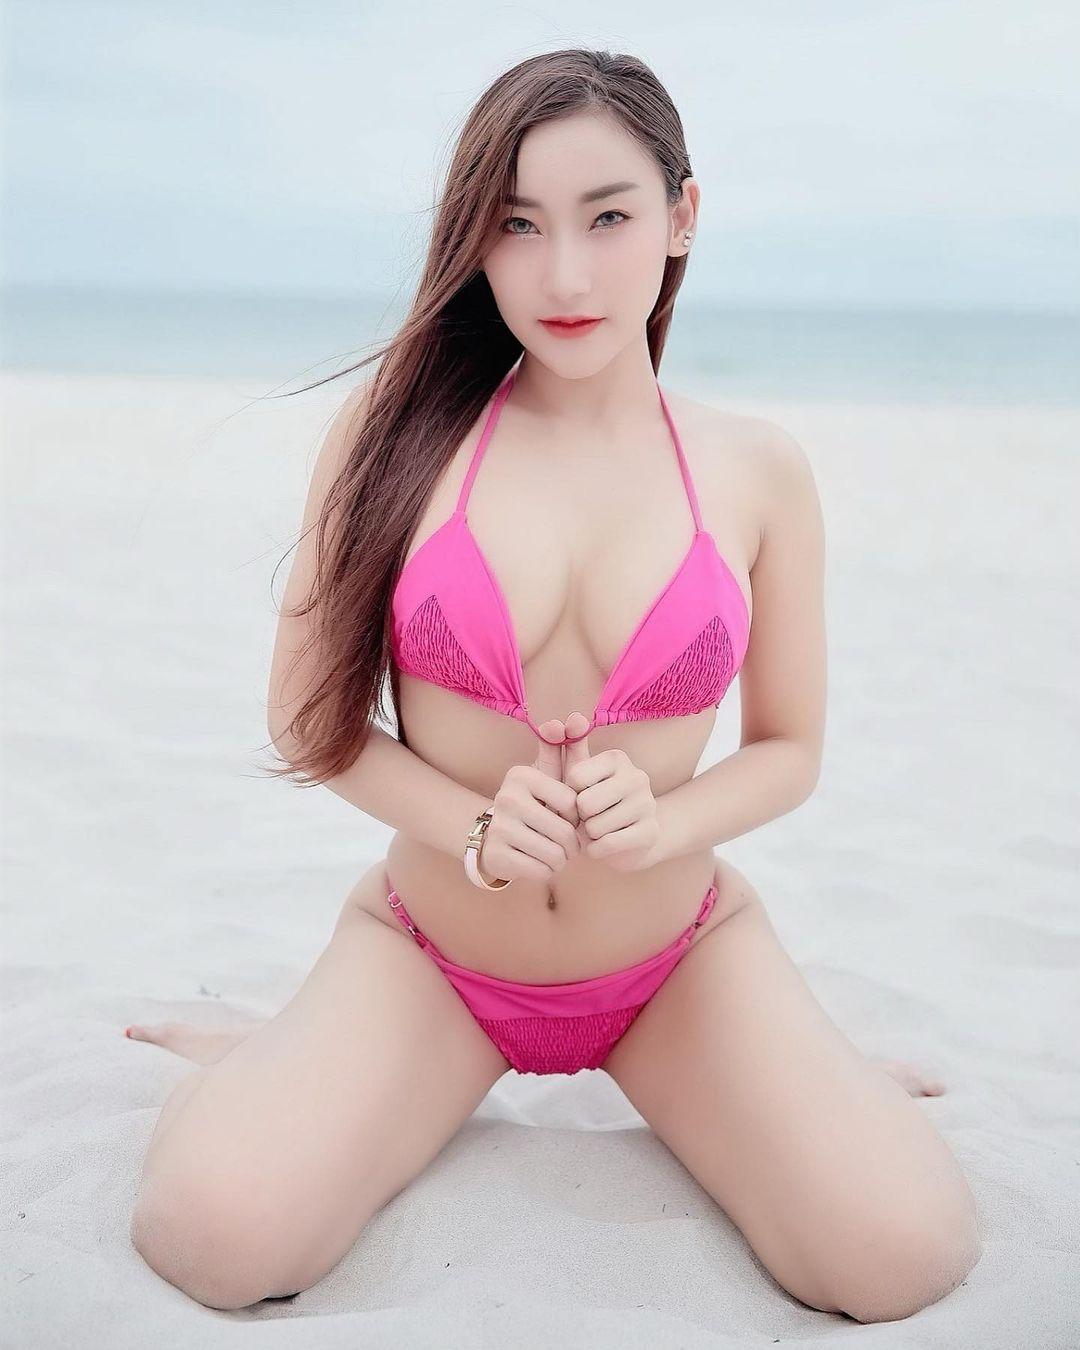 Thailand Beautyful Girl Pic No.302 || Tidaporn Sangiamfak